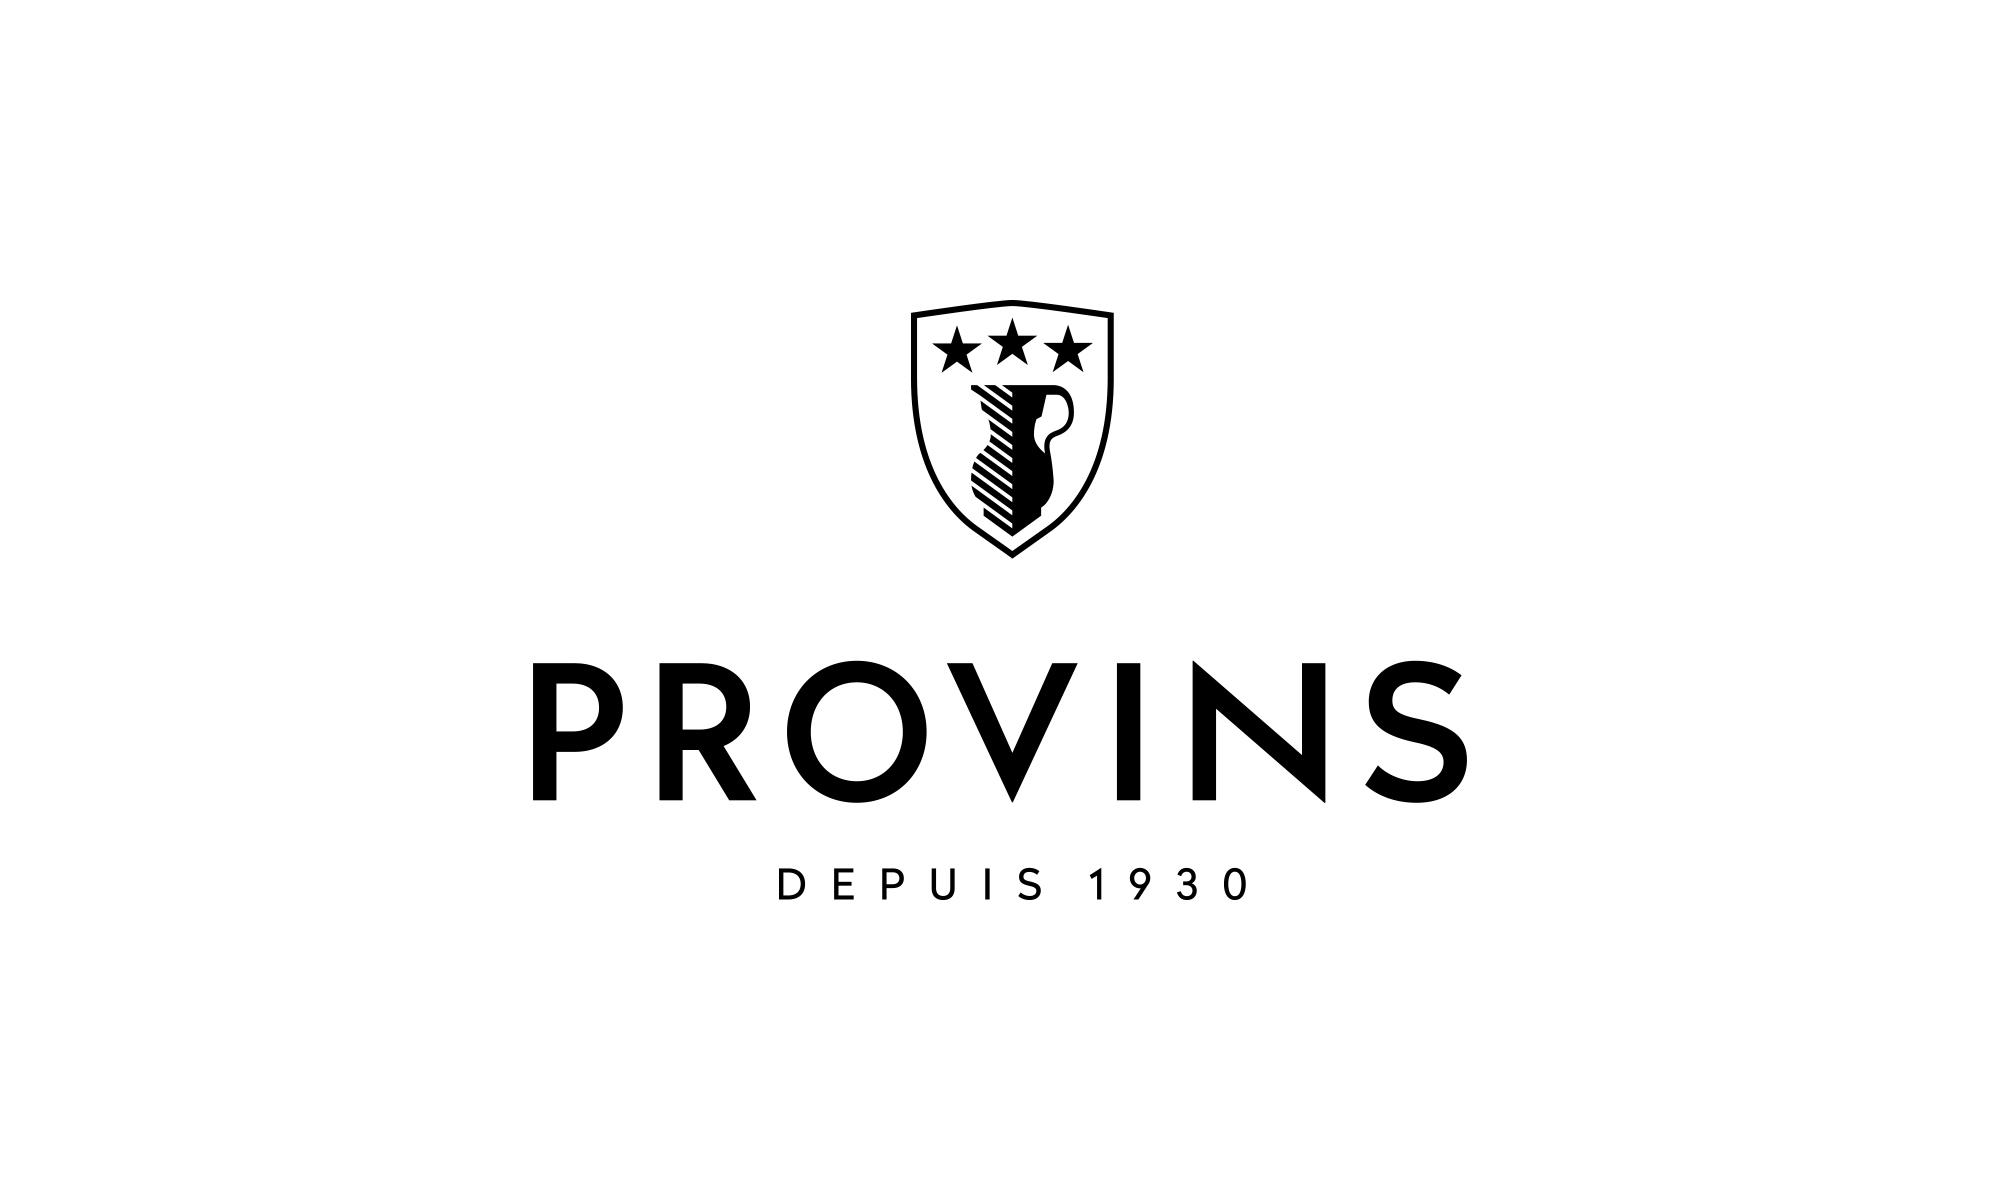 provins-logo3